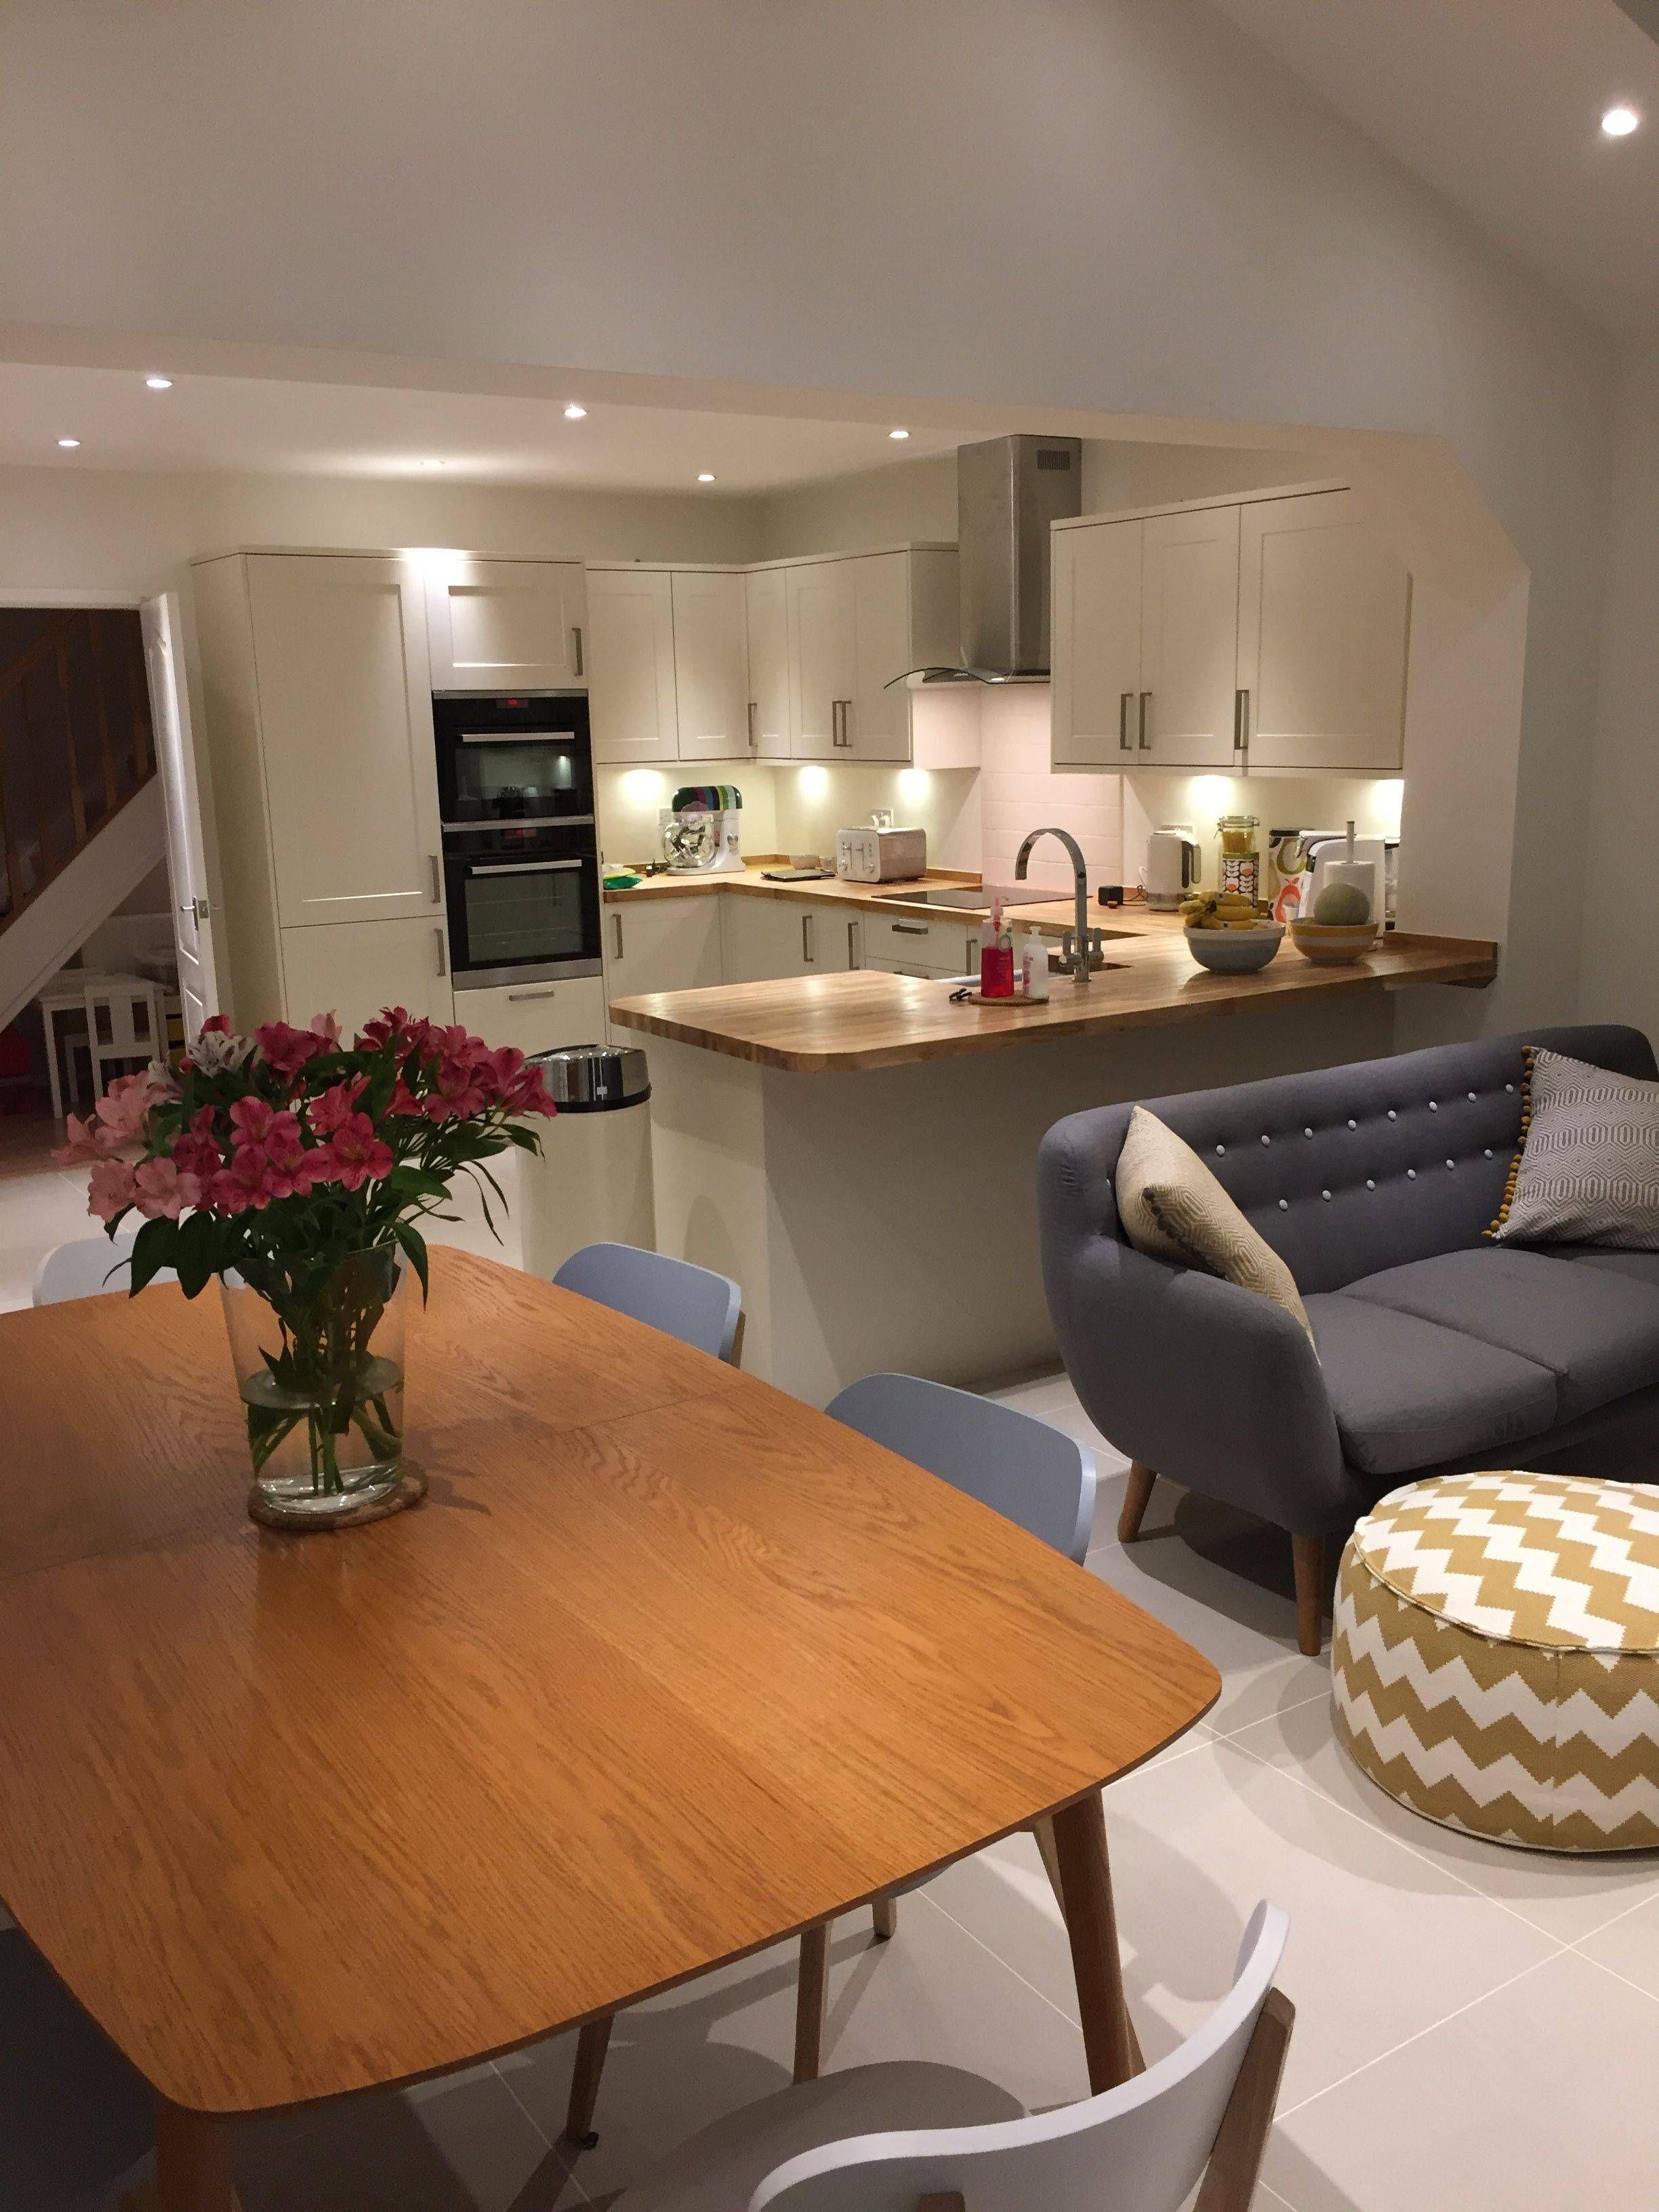 Open Plan Kitchen Living Room Buildingdesign Homedesign Archi Open Plan Kitchen Dining Living Open Plan Kitchen Living Room Open Kitchen And Living Room